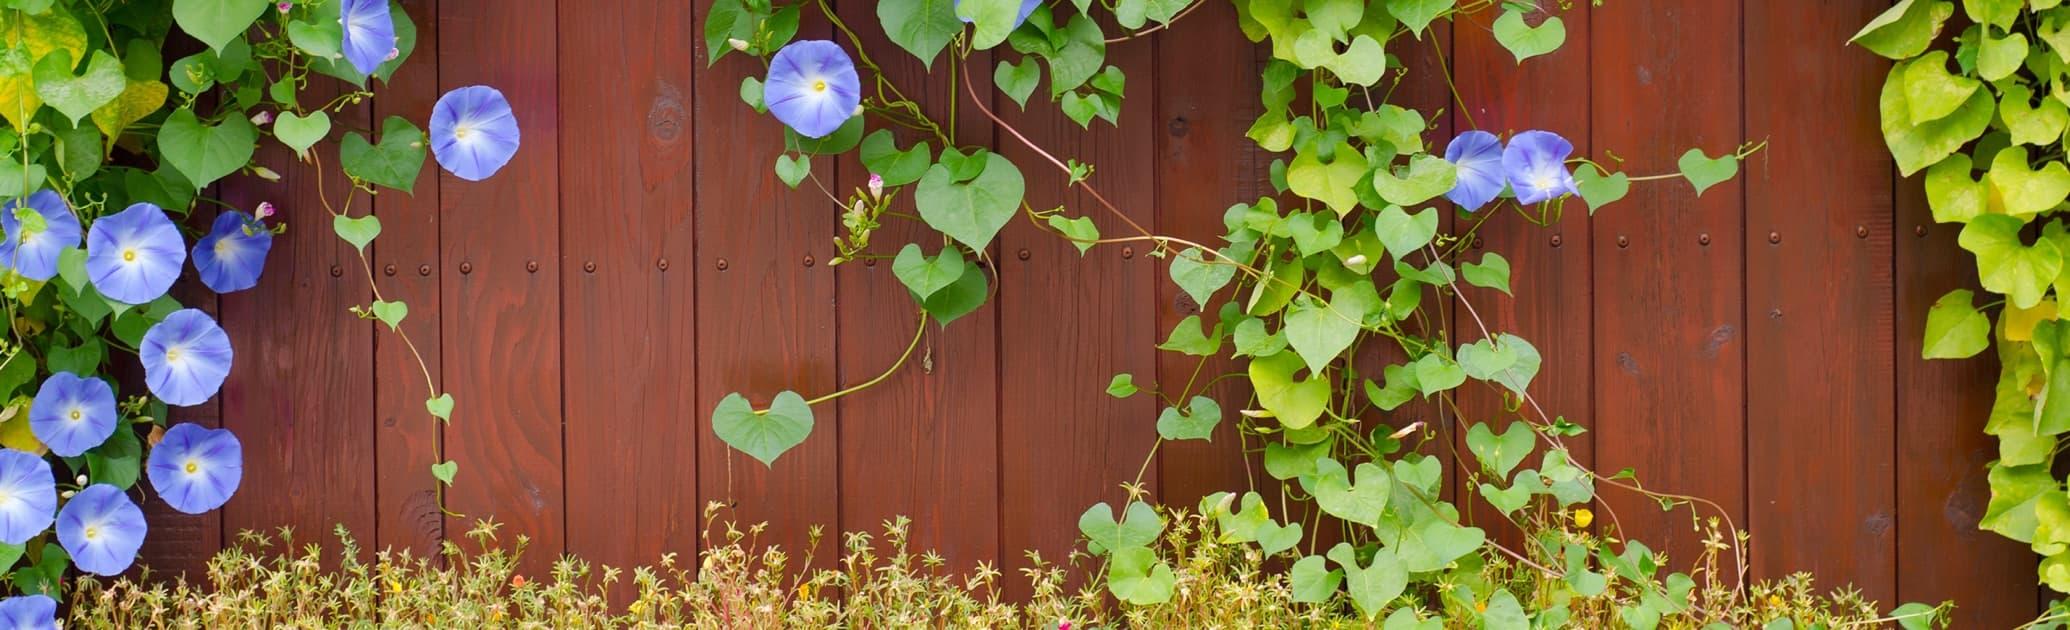 climber plants on a garden fence